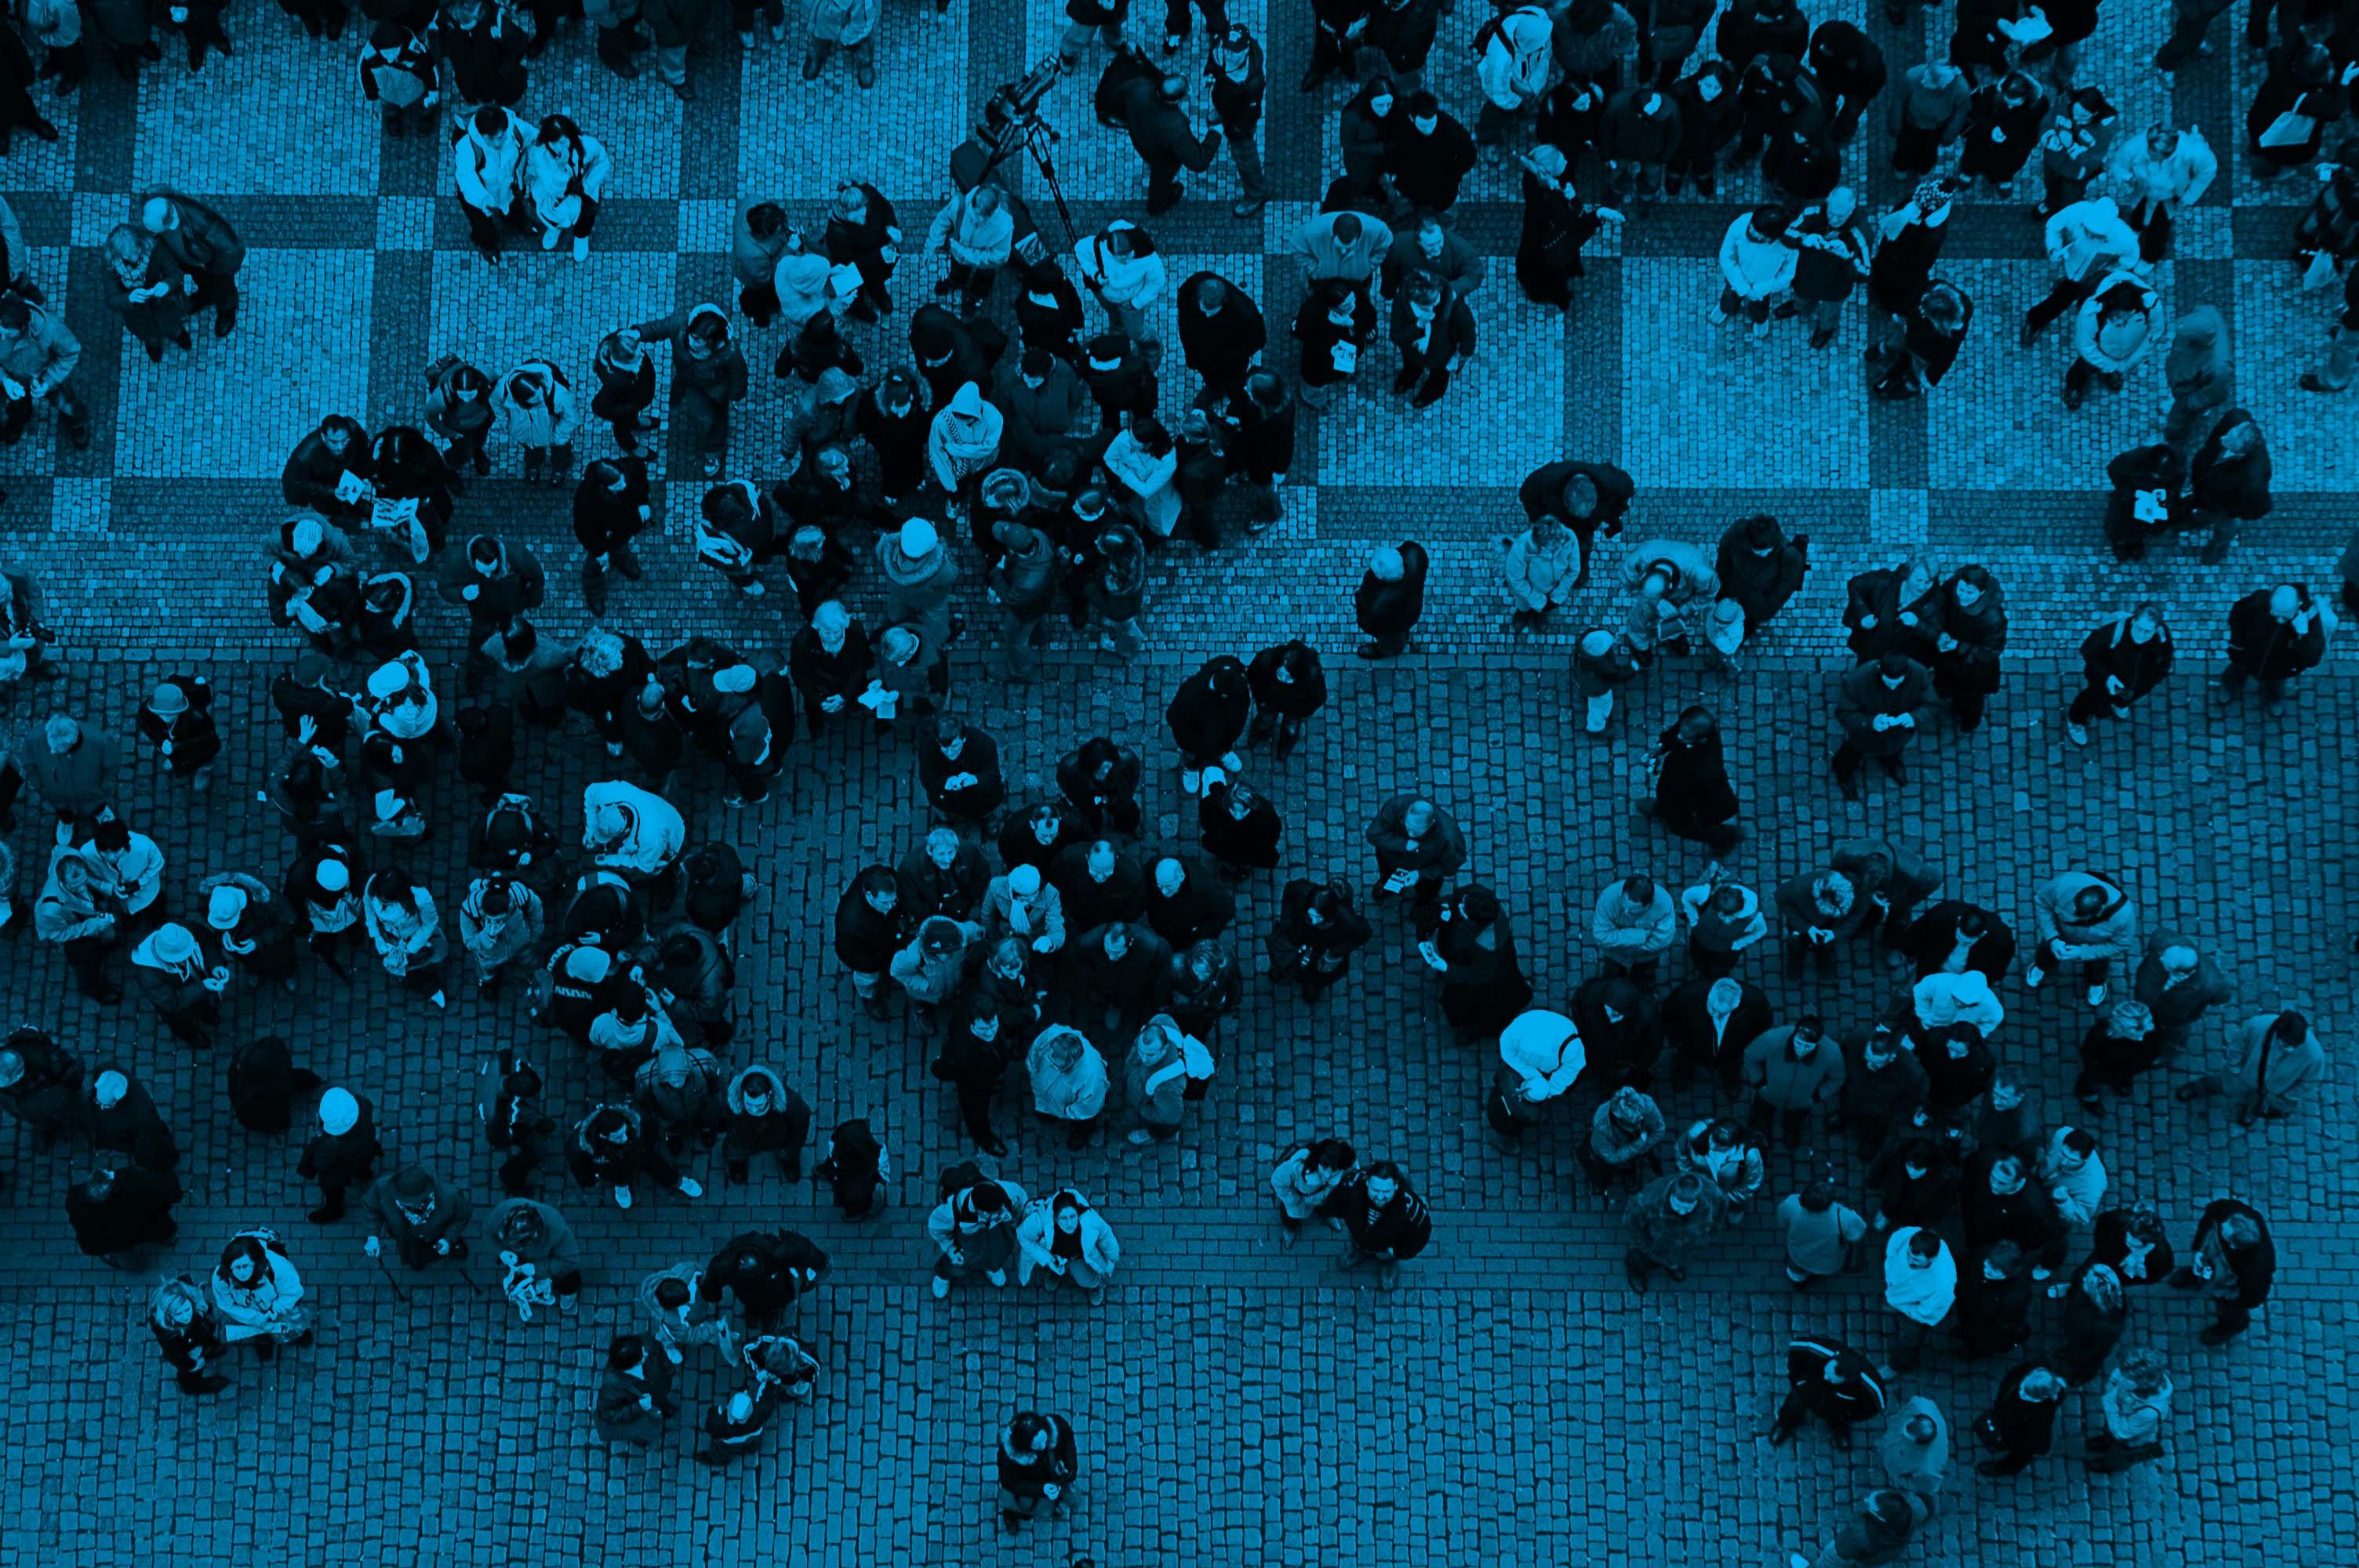 Crowd_Street_Crossing_Blue.jpg